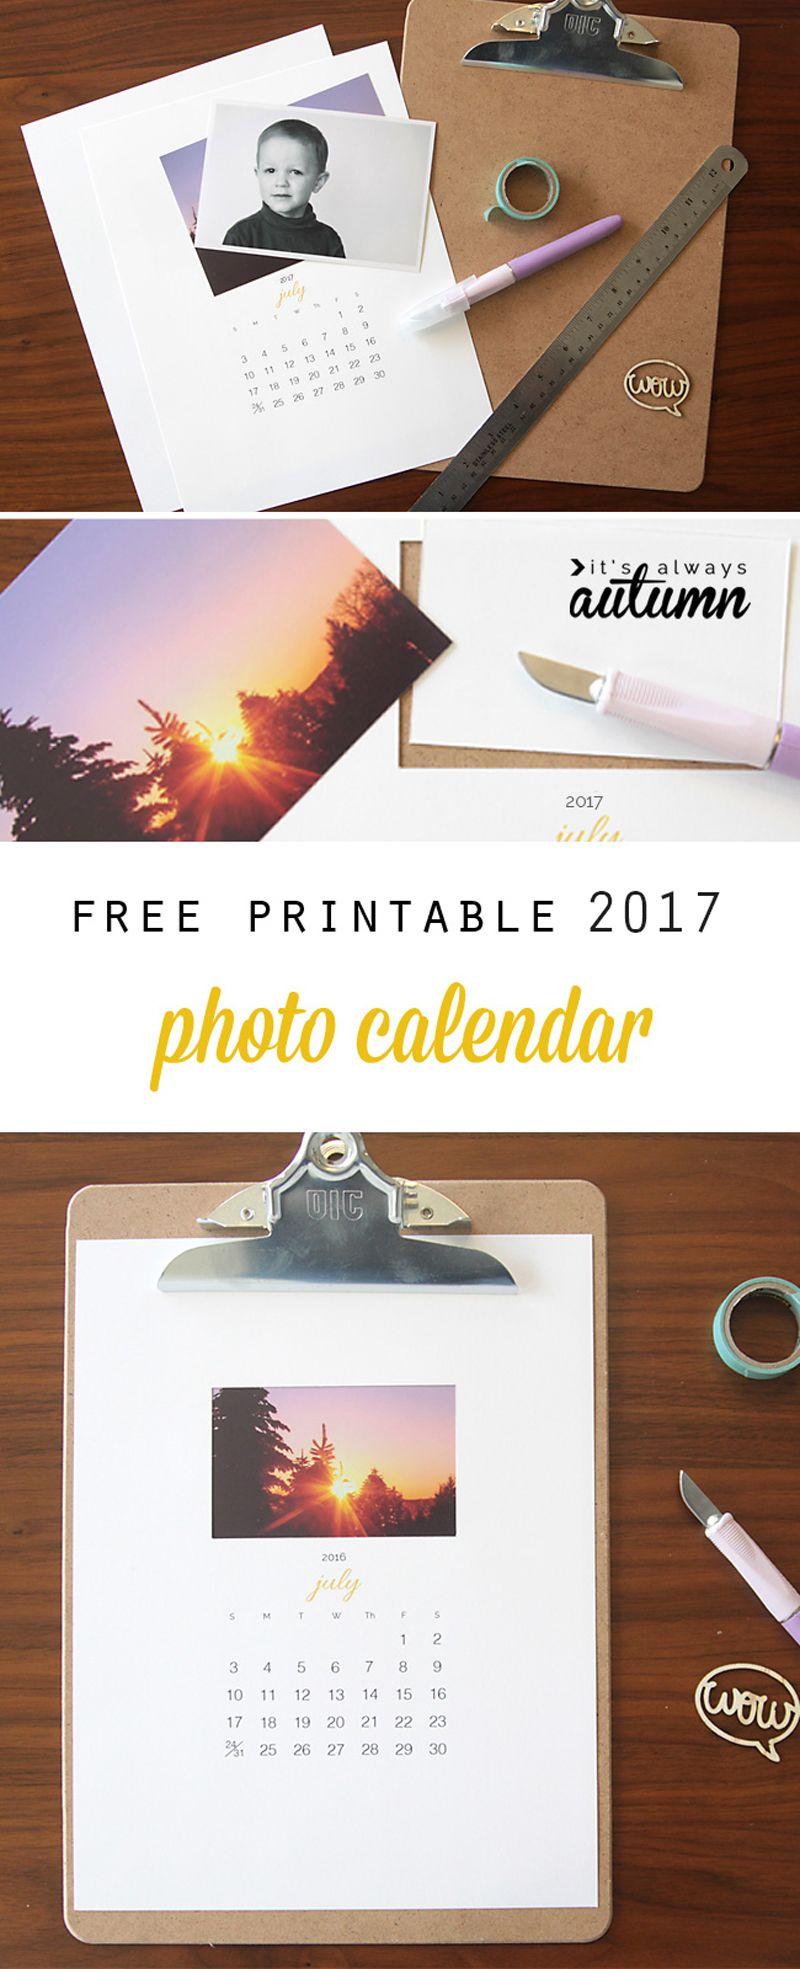 da8a356dbedc48 Awesome DIY gift idea! Free printable 2017 photo calendar makes an easy